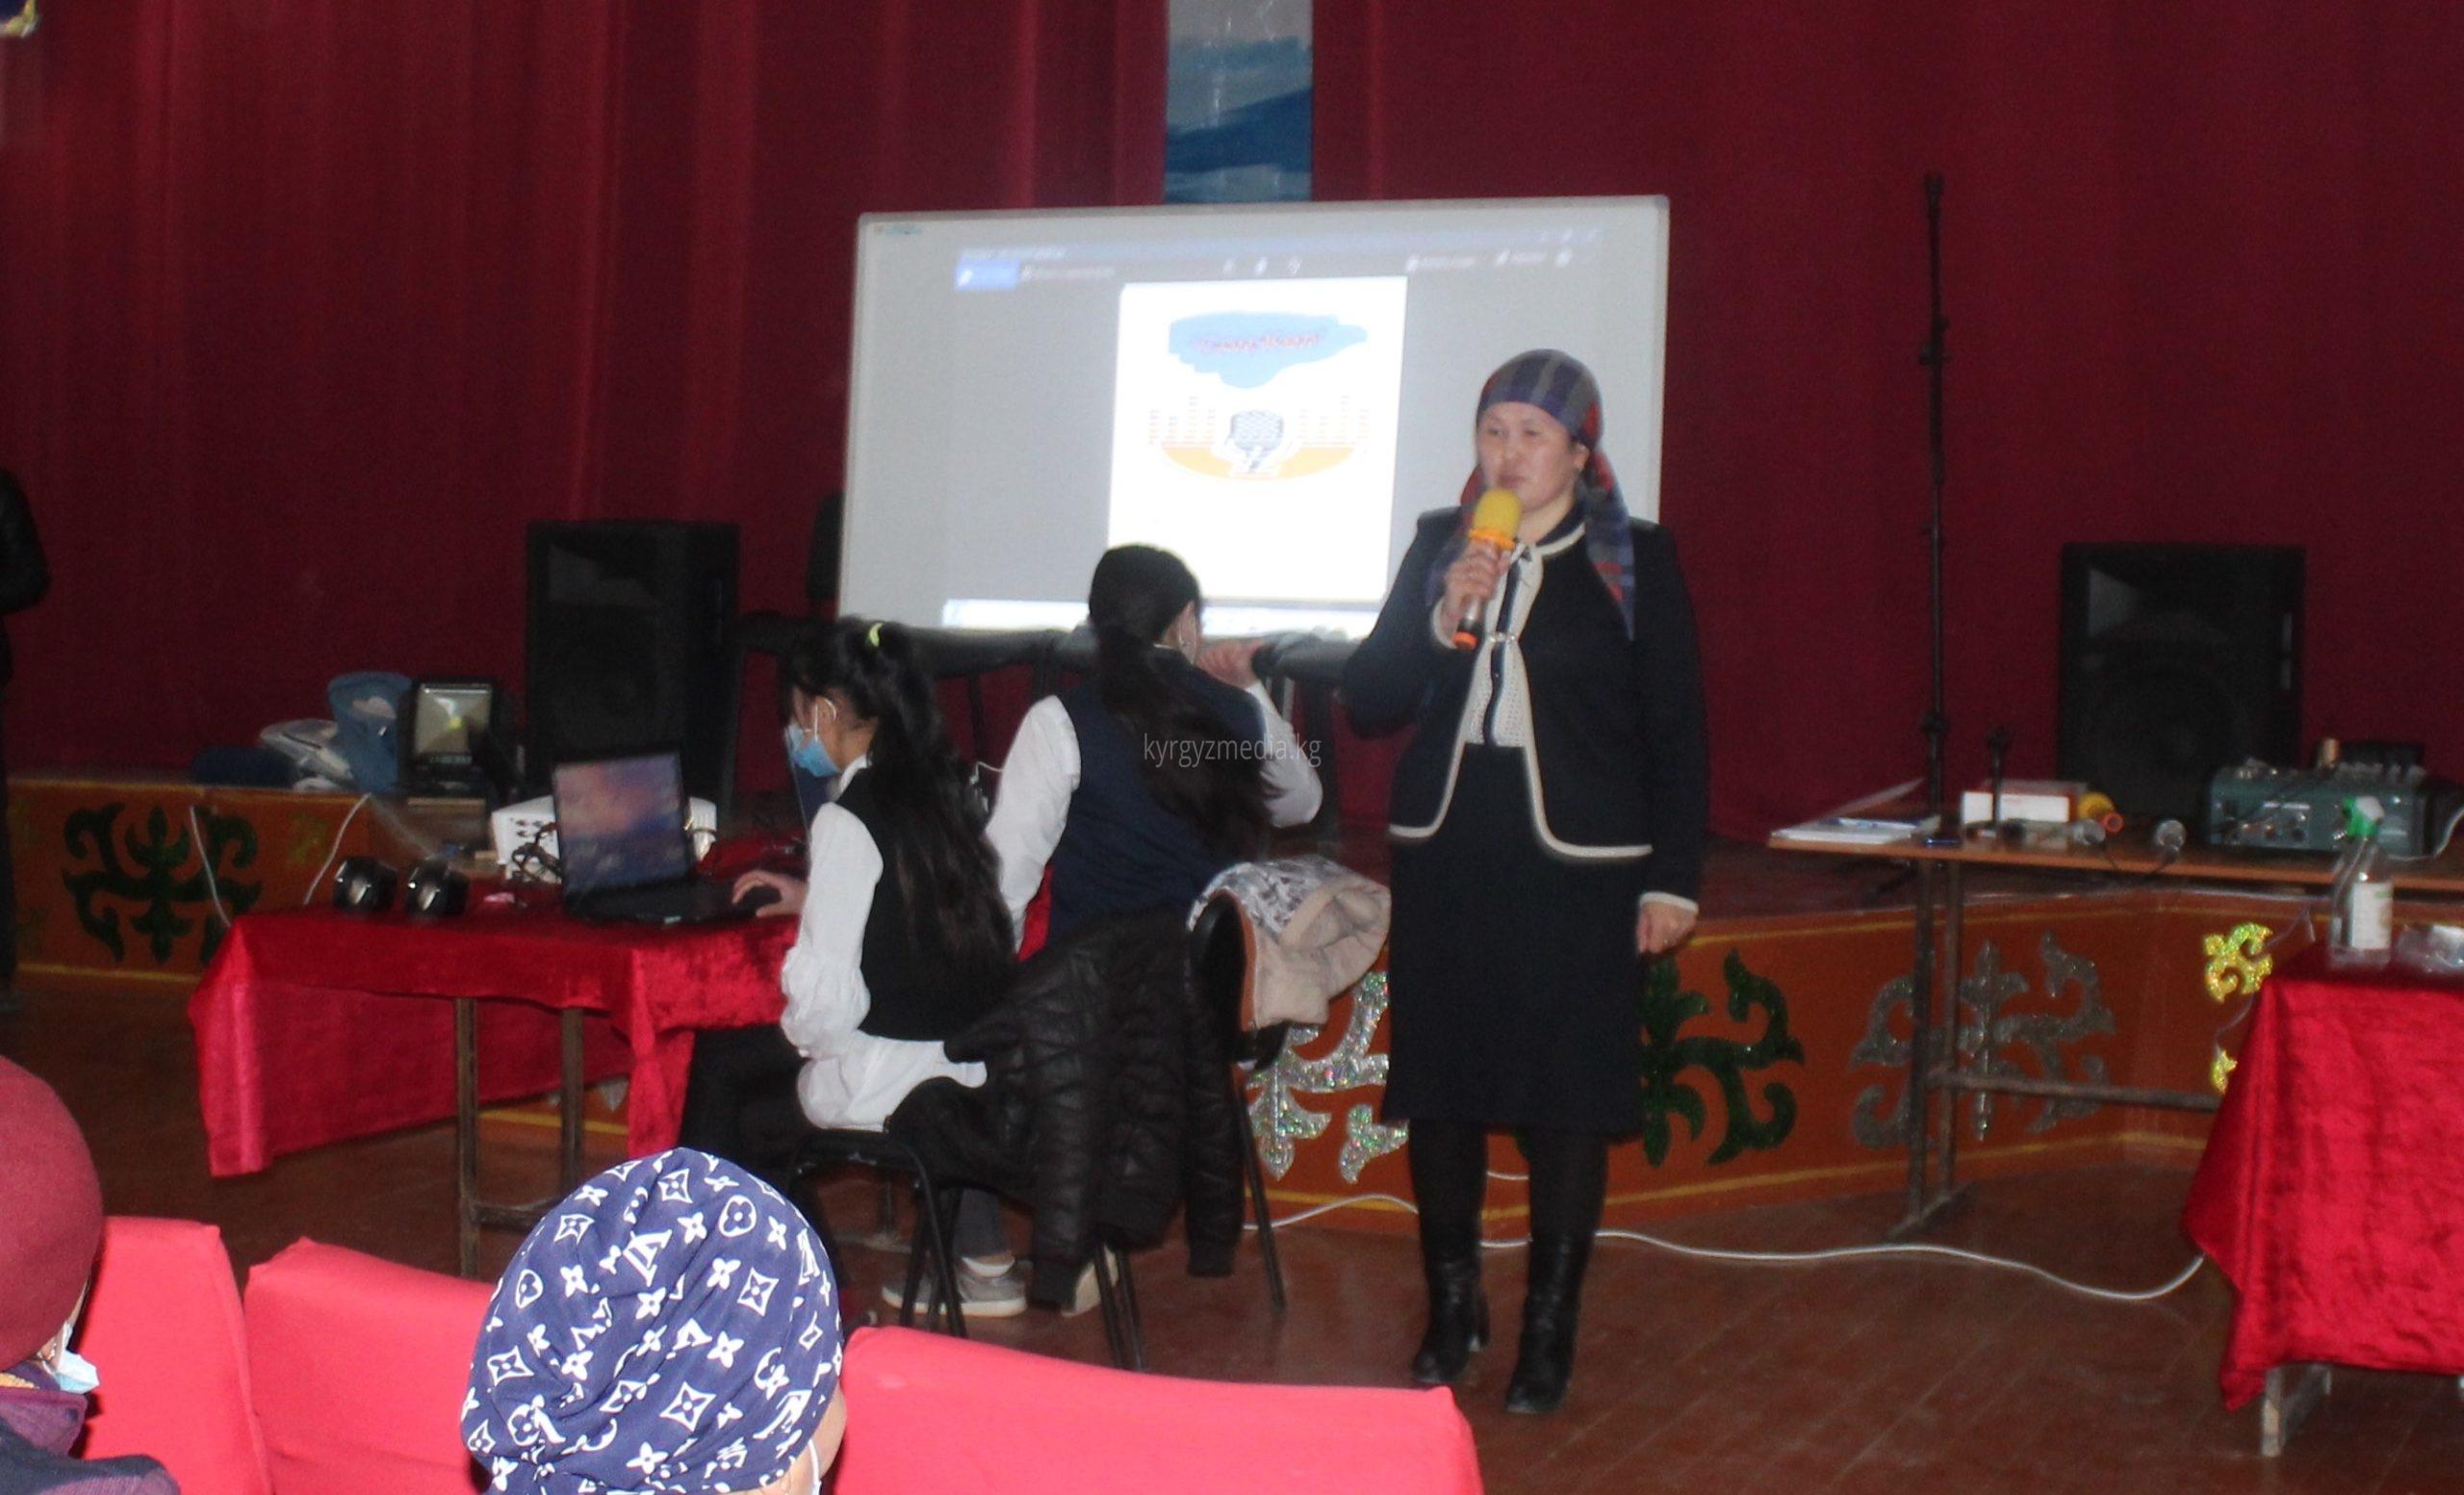 Бурул Майрамбек кызы медиа маалыматтык сабаттуулук семинарын өтуп жаткан учуру